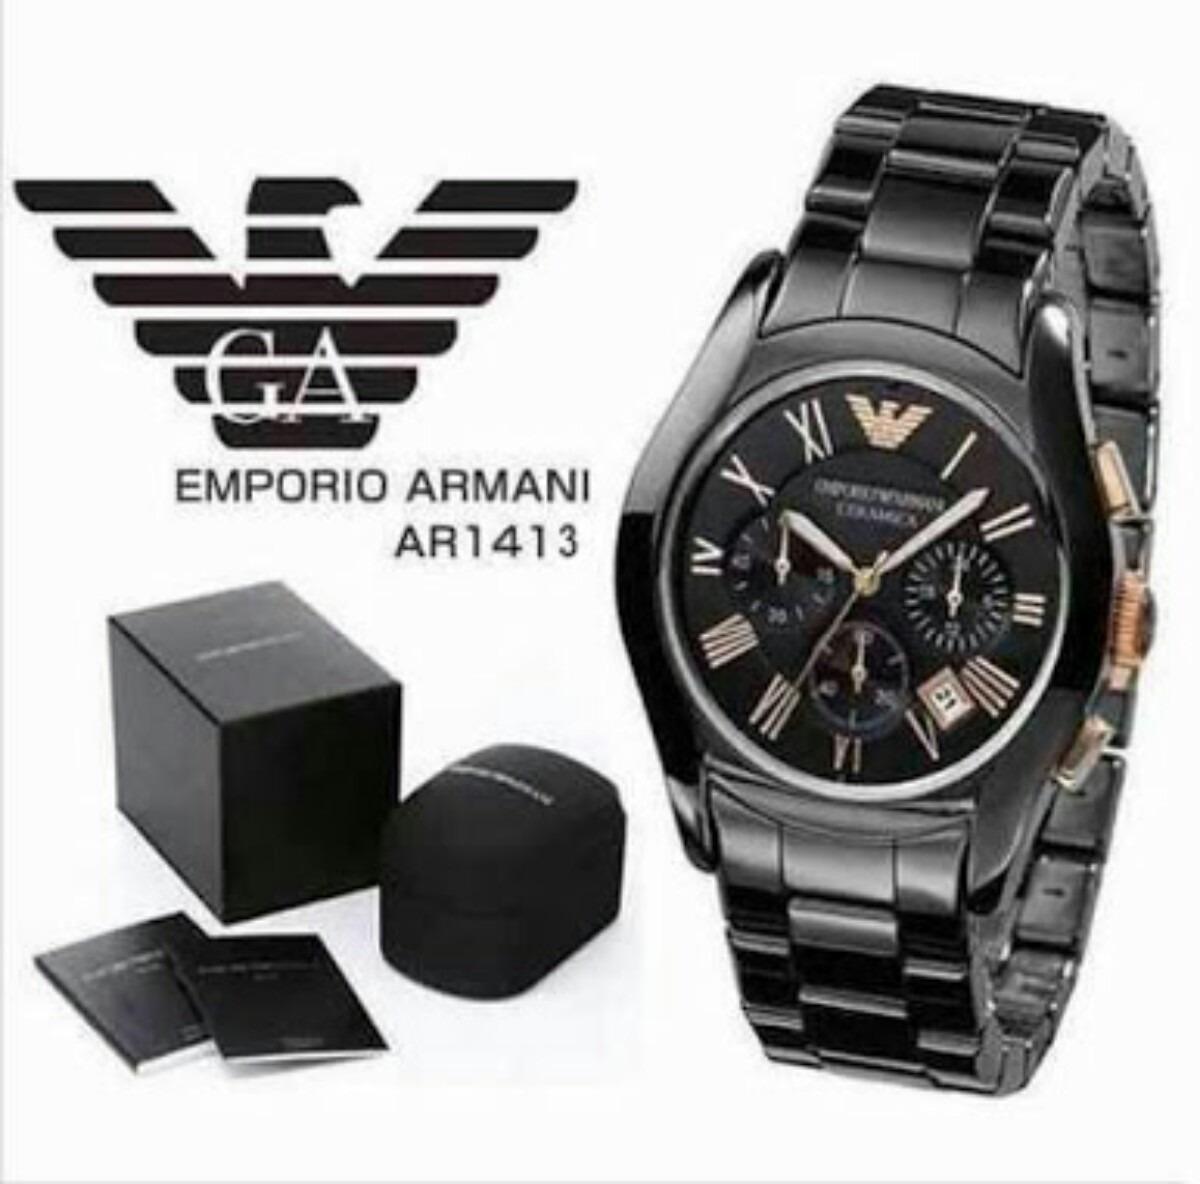 5bc60fd3ee5 Relógio Empório Armani Ar1413 Original De Cerâmica - R  849